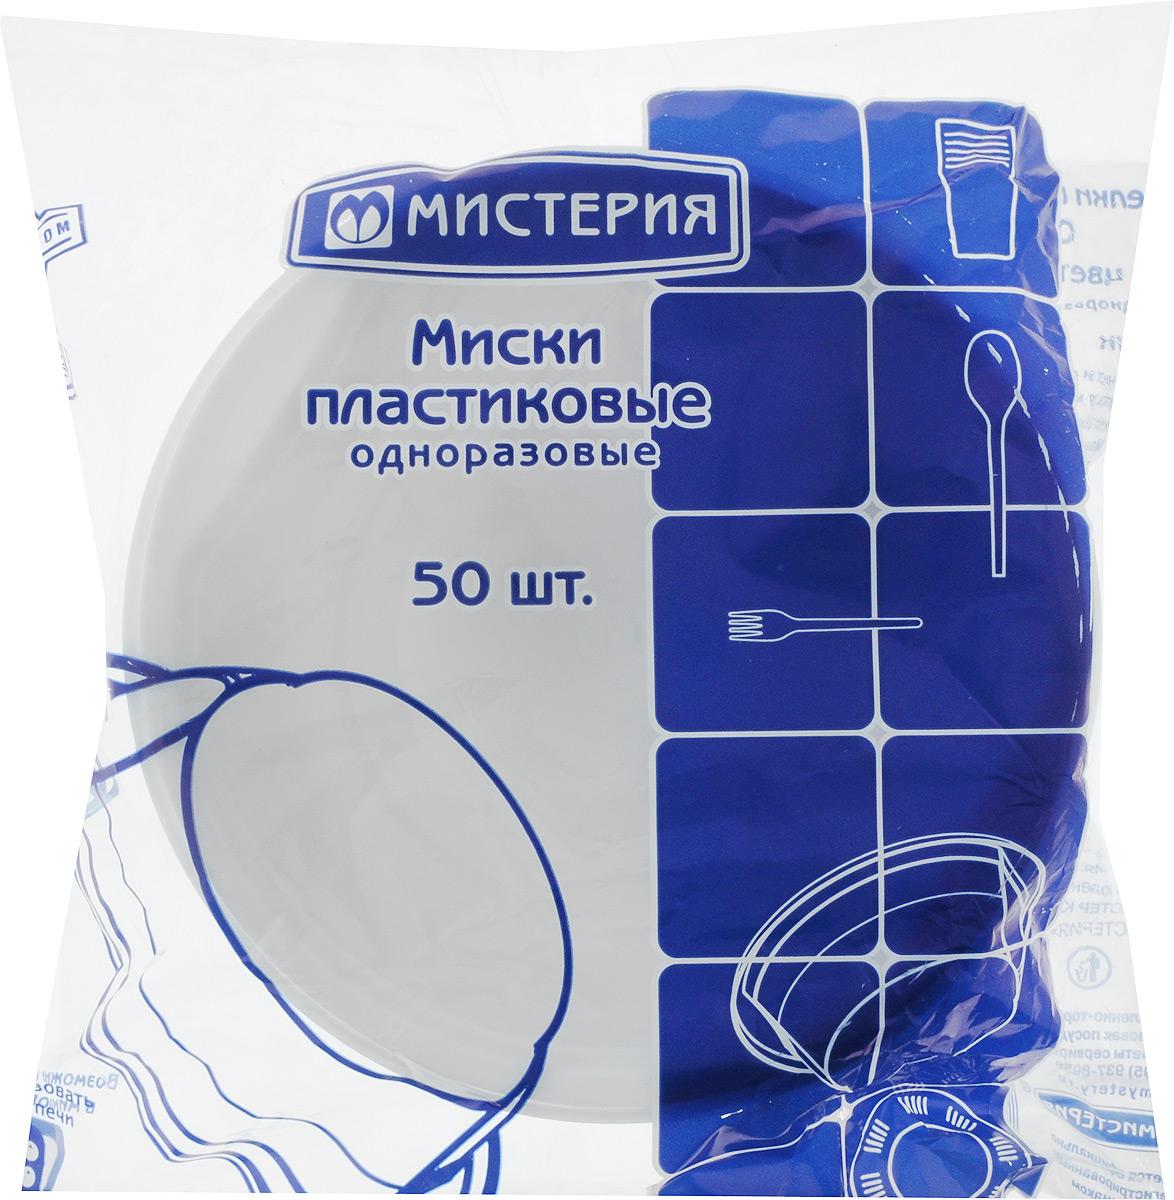 Тарелка одноразовая Мистерия, глубокая, цвет: белый, 350 мл, 50 шт121485Набор Мистерия состоит из 50 глубоких тарелок, выполненных из полипропилена и предназначенных для одноразового использования. Такие тарелки подходят для холодных и горячих пищевых продуктов.Одноразовые тарелки будут незаменимы при поездках на природу, пикниках и других мероприятиях. Они не займут много места, легки и самое главное - после использования их не надо мыть.Тарелки можно использовать в микроволновой печи в режиме разогрев.